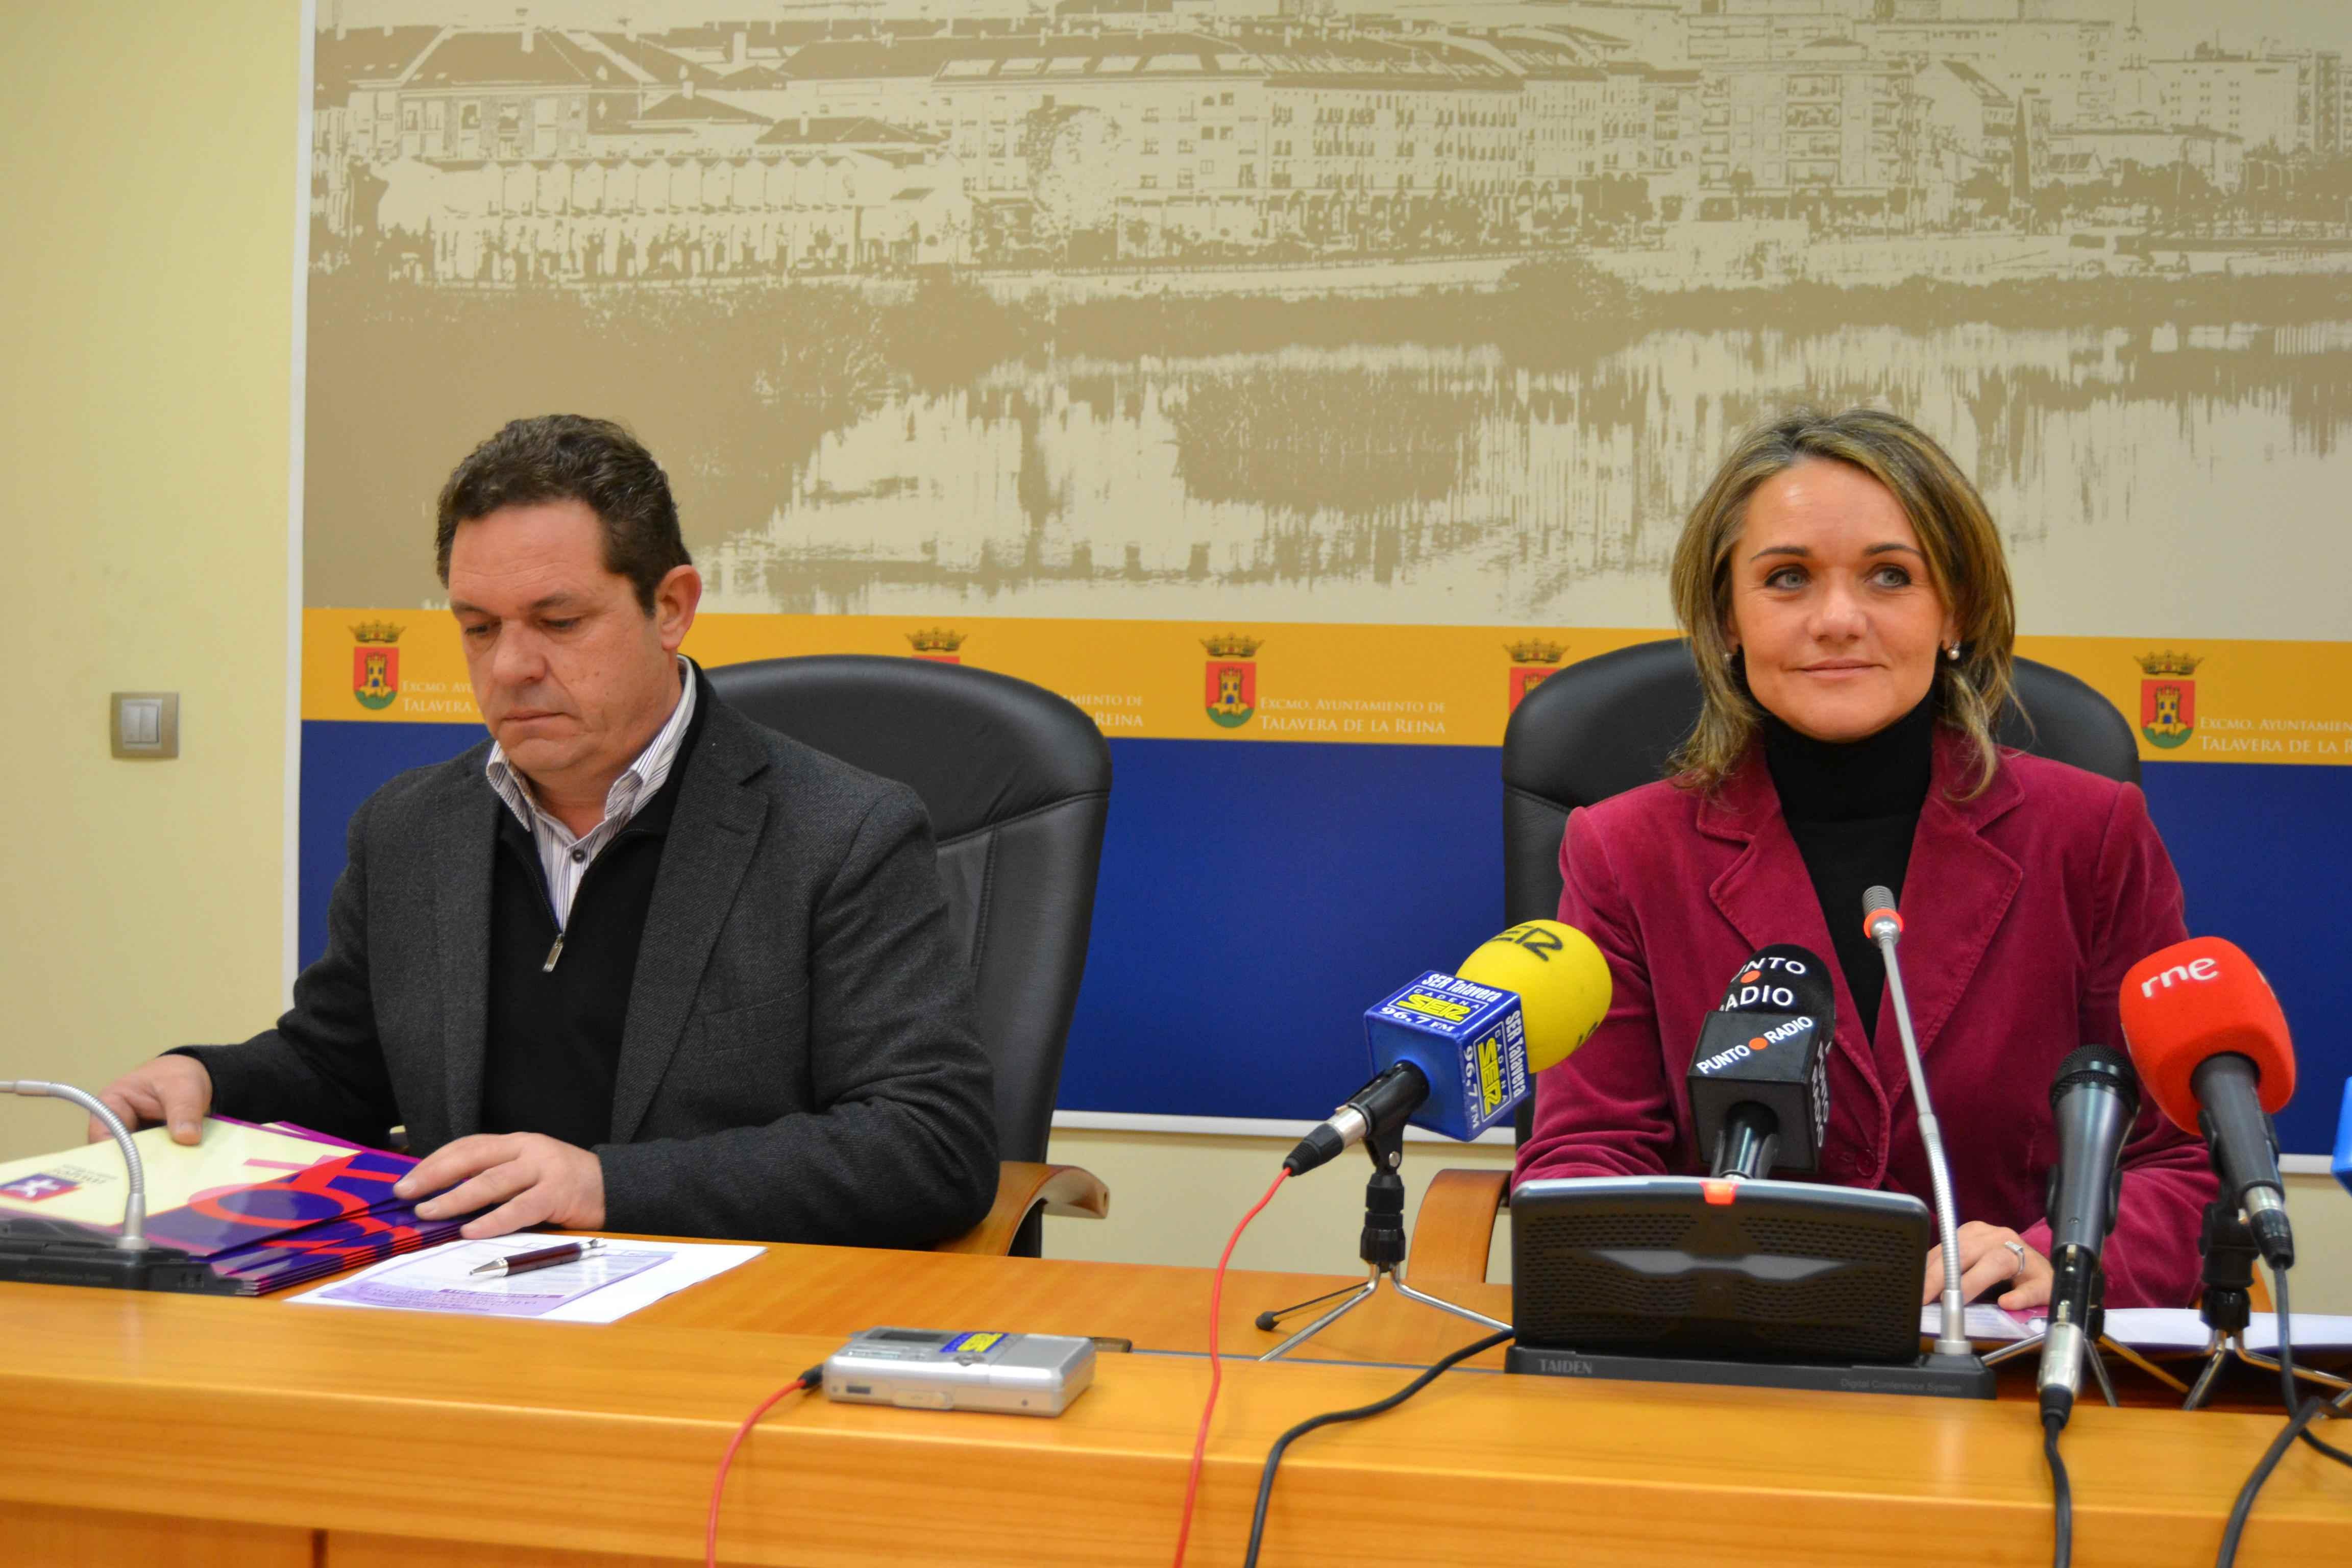 La concejalía de la Mujer prepara un programa para combatir la violencia contra las mujeres